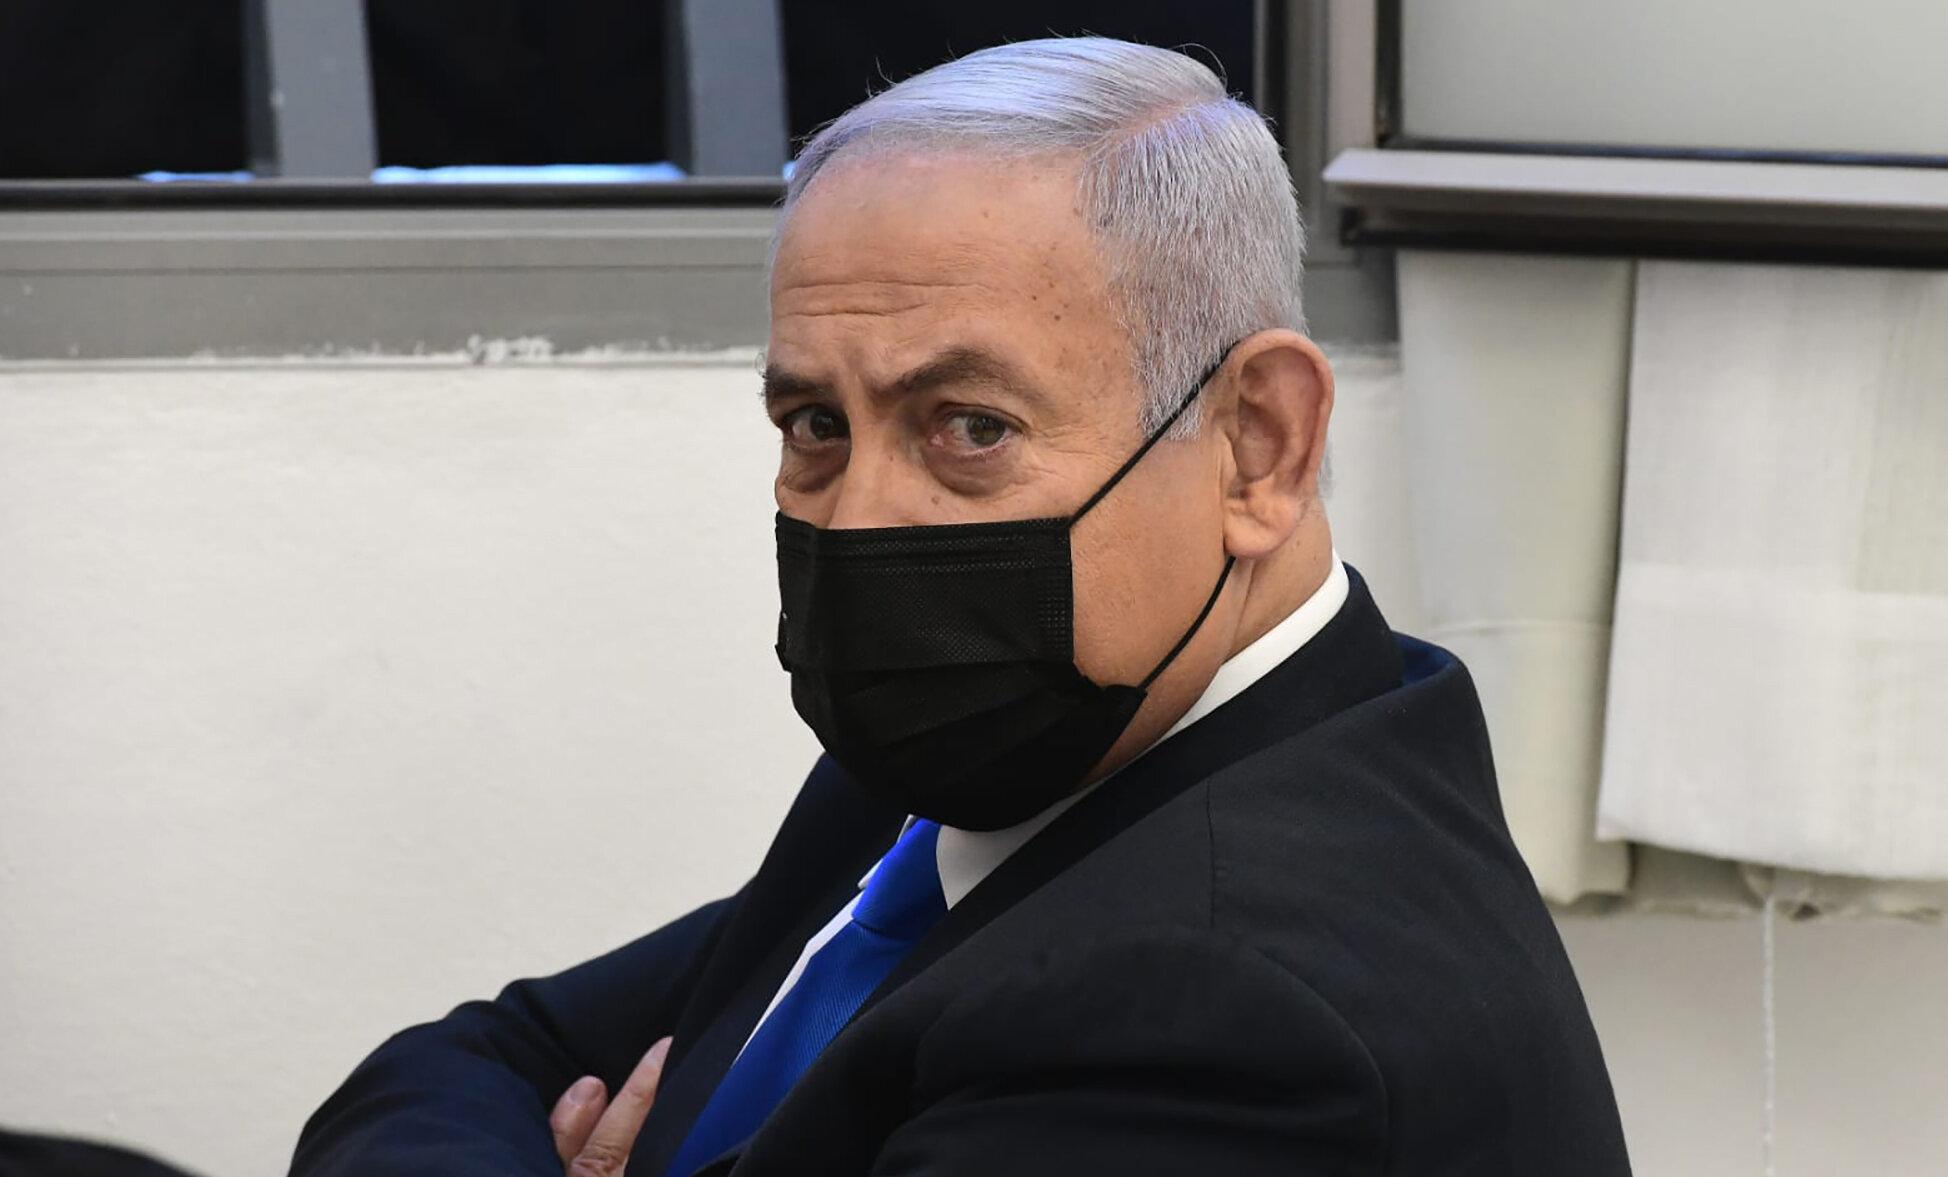 """Pașaportul de vaccinare este valabil doar șase luni, spune premierul Netanyahu. """"Va fi necesar să reînnoim vaccinurile"""""""